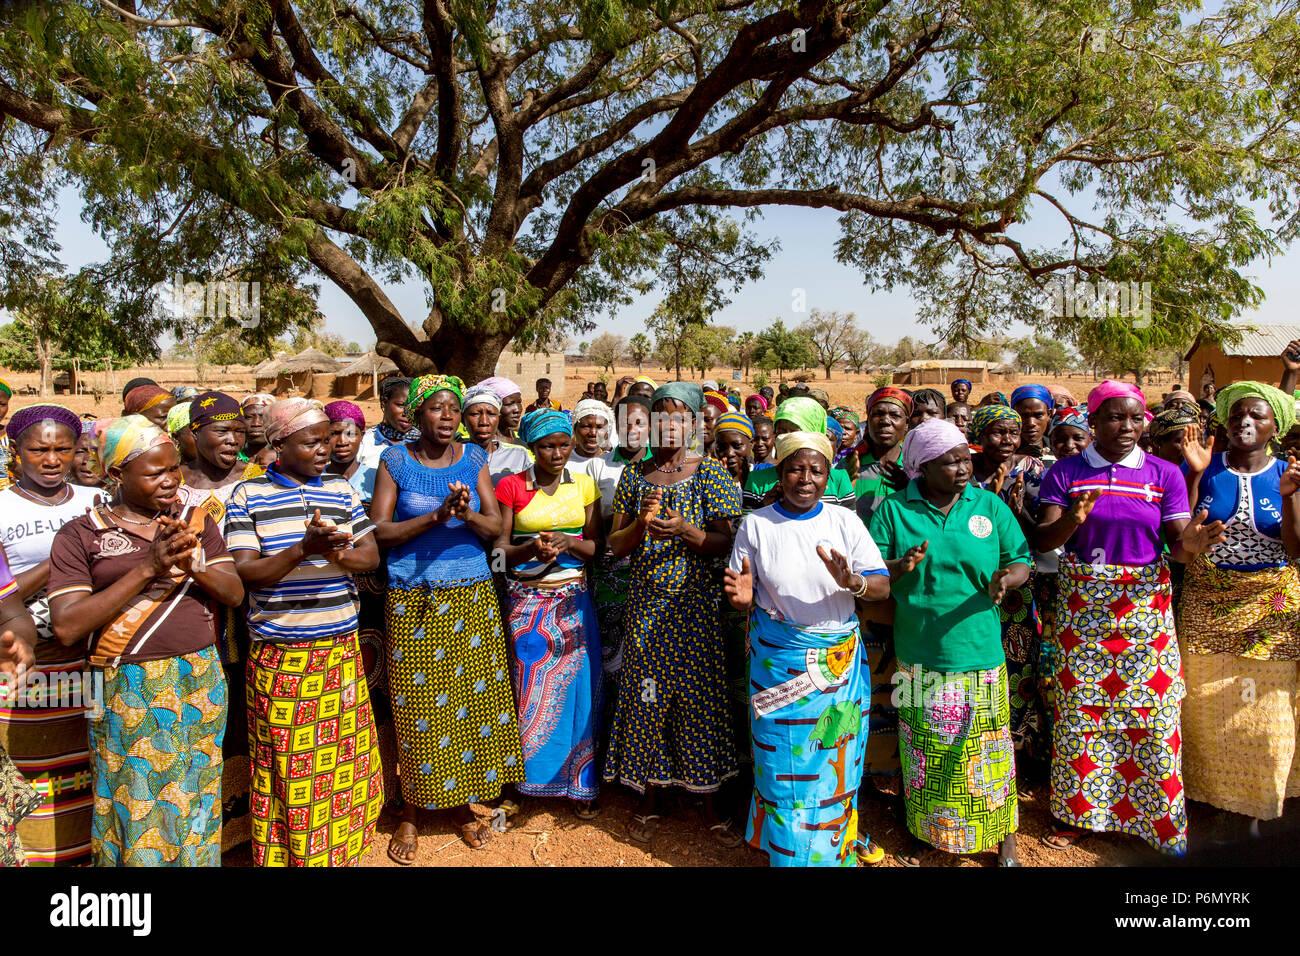 Les membres d'une coopérative de femmes en matière de microfinance l'accueil d'un visiteur dans le nord du Togo. Photo Stock